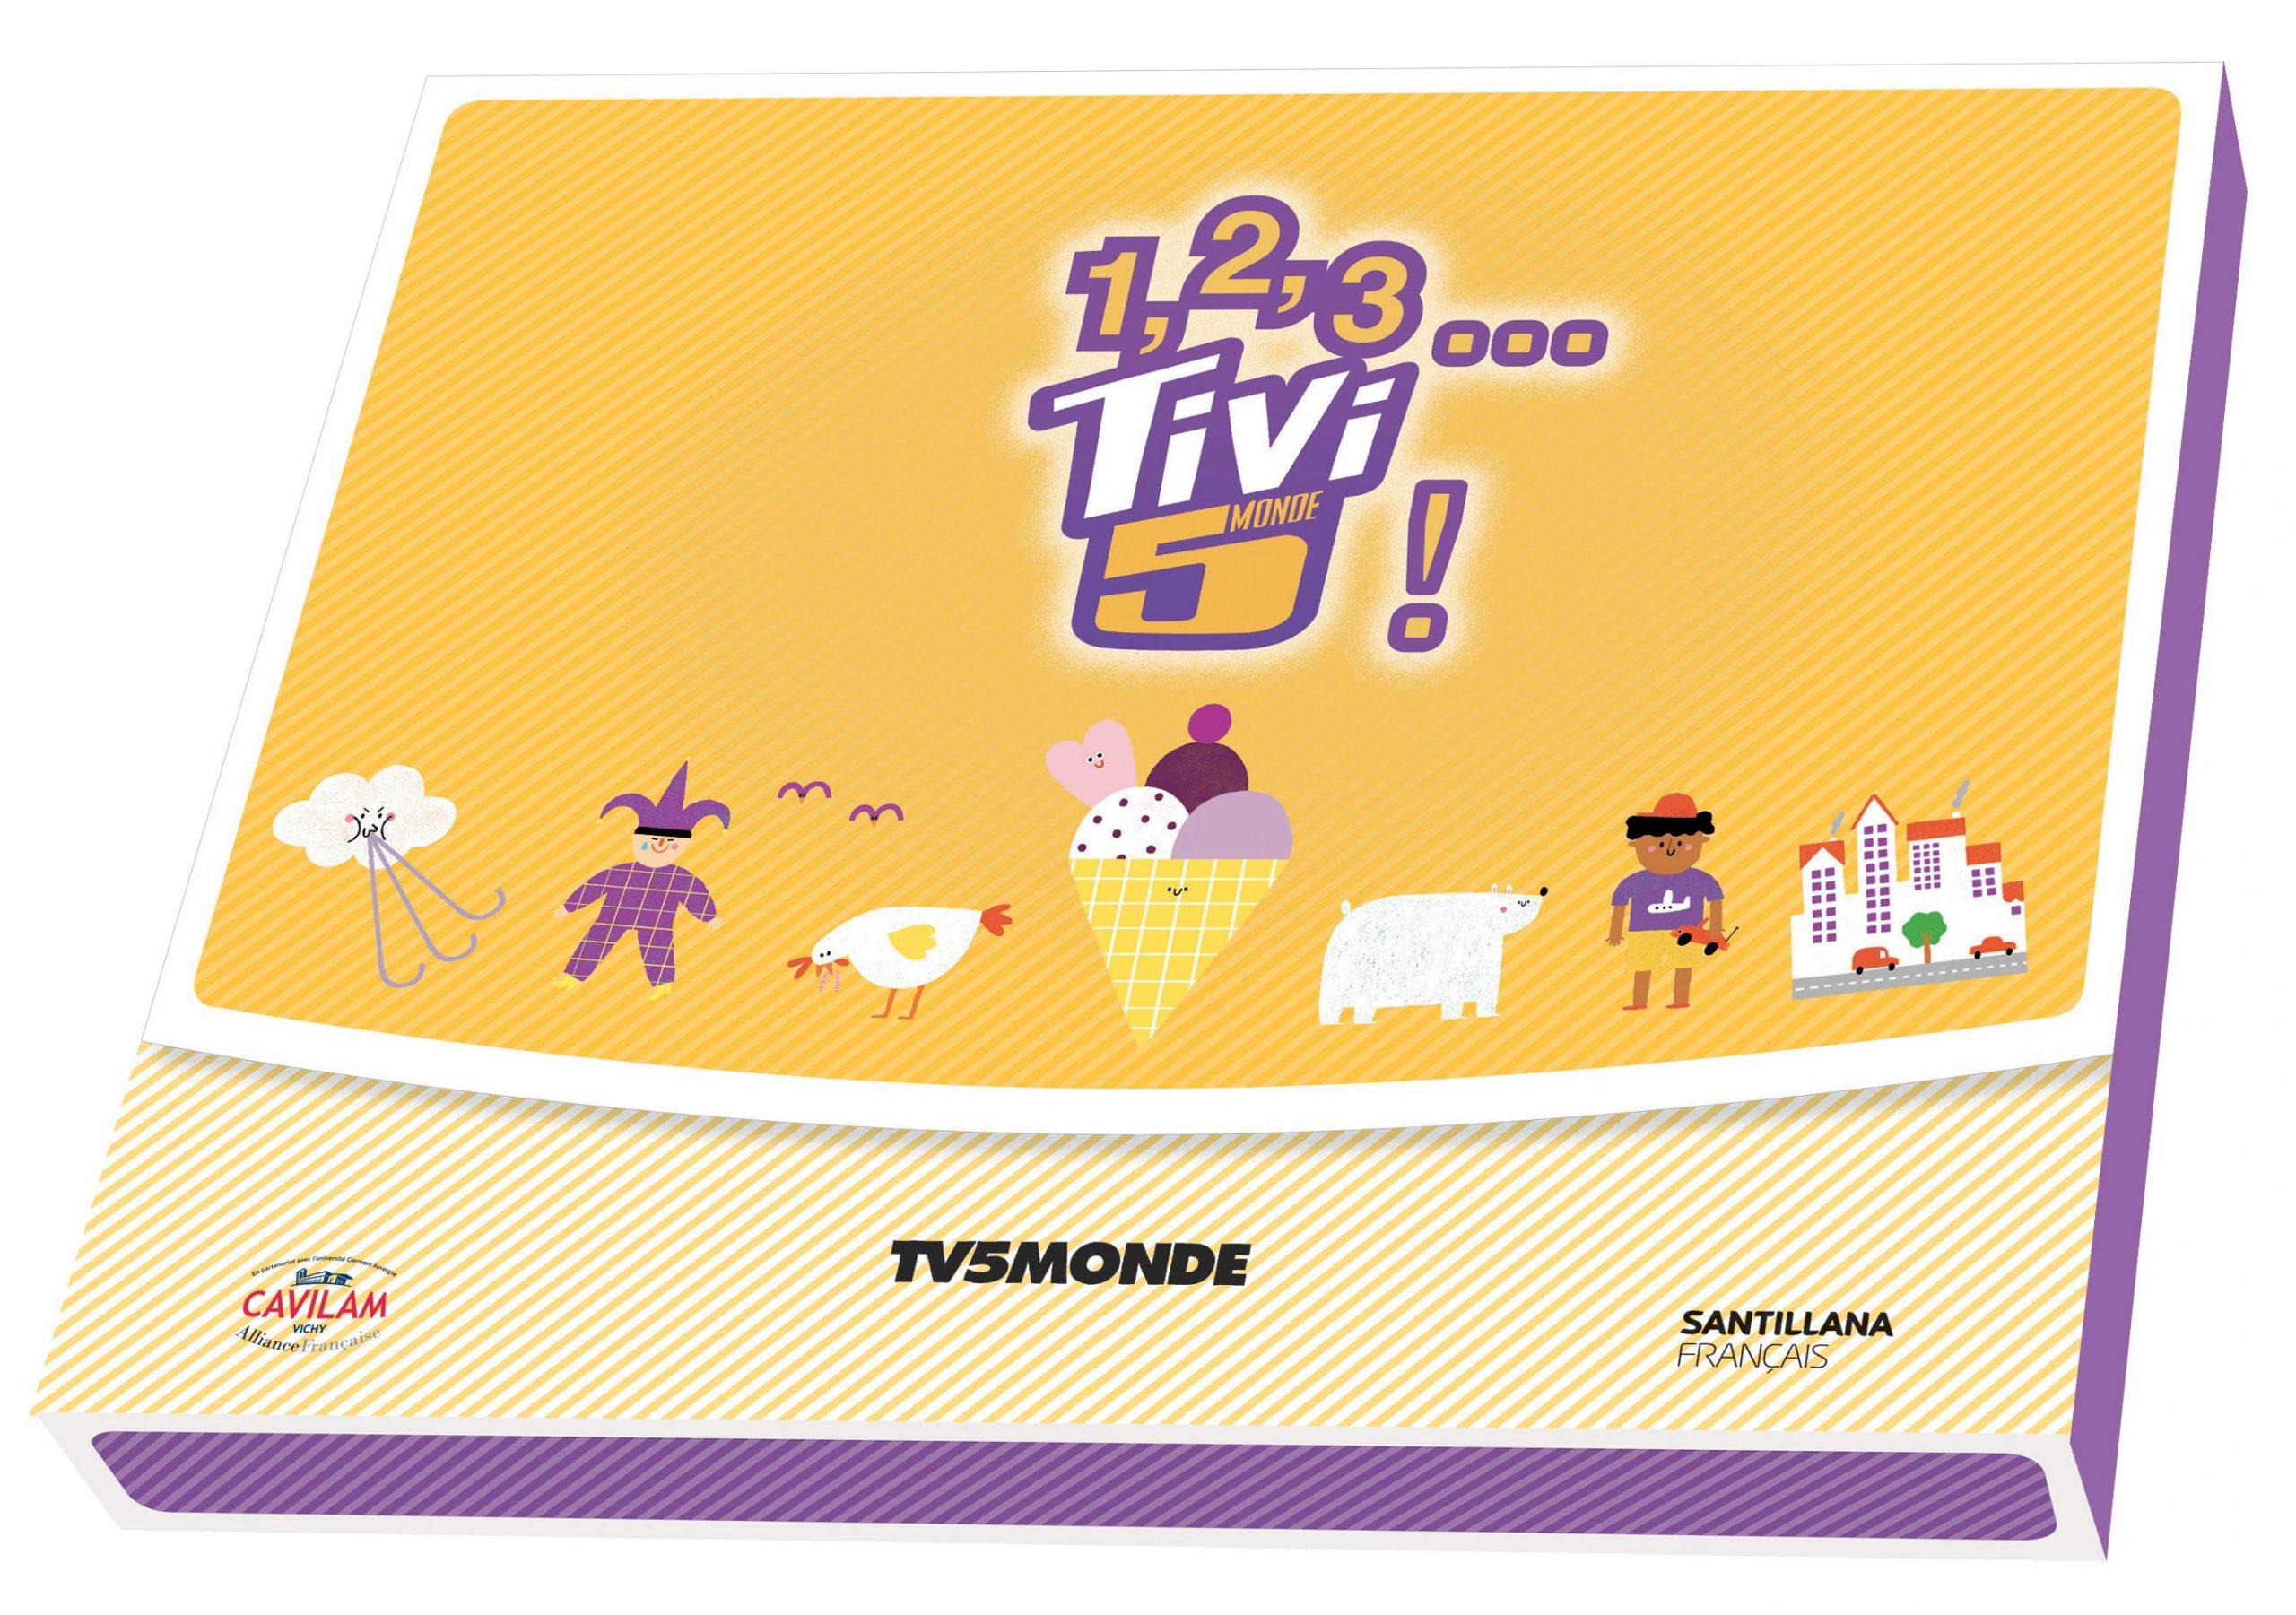 1,2,3…tivi5Monde ! » - Le Kit Pour Enseigner Aux Enfants dedans Jeux Gratuits Pour Enfants De 3 Ans